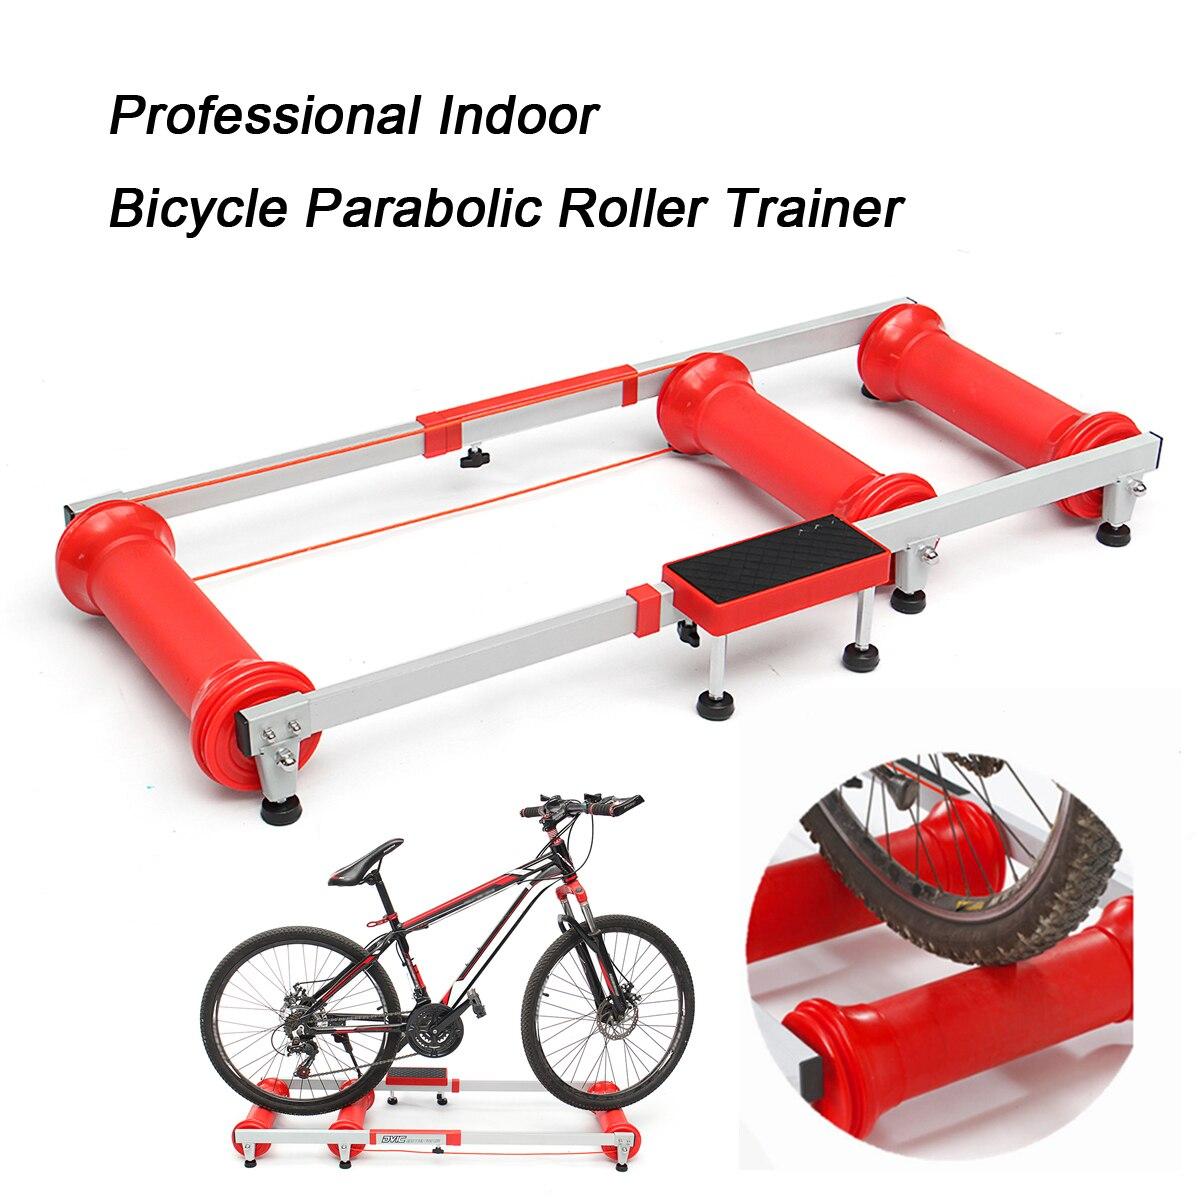 Professional тренер по велоспорту Велосипедный спорт тренер ролики Indoor Training Station складной параболический велосипедные тренажеры красная коробка